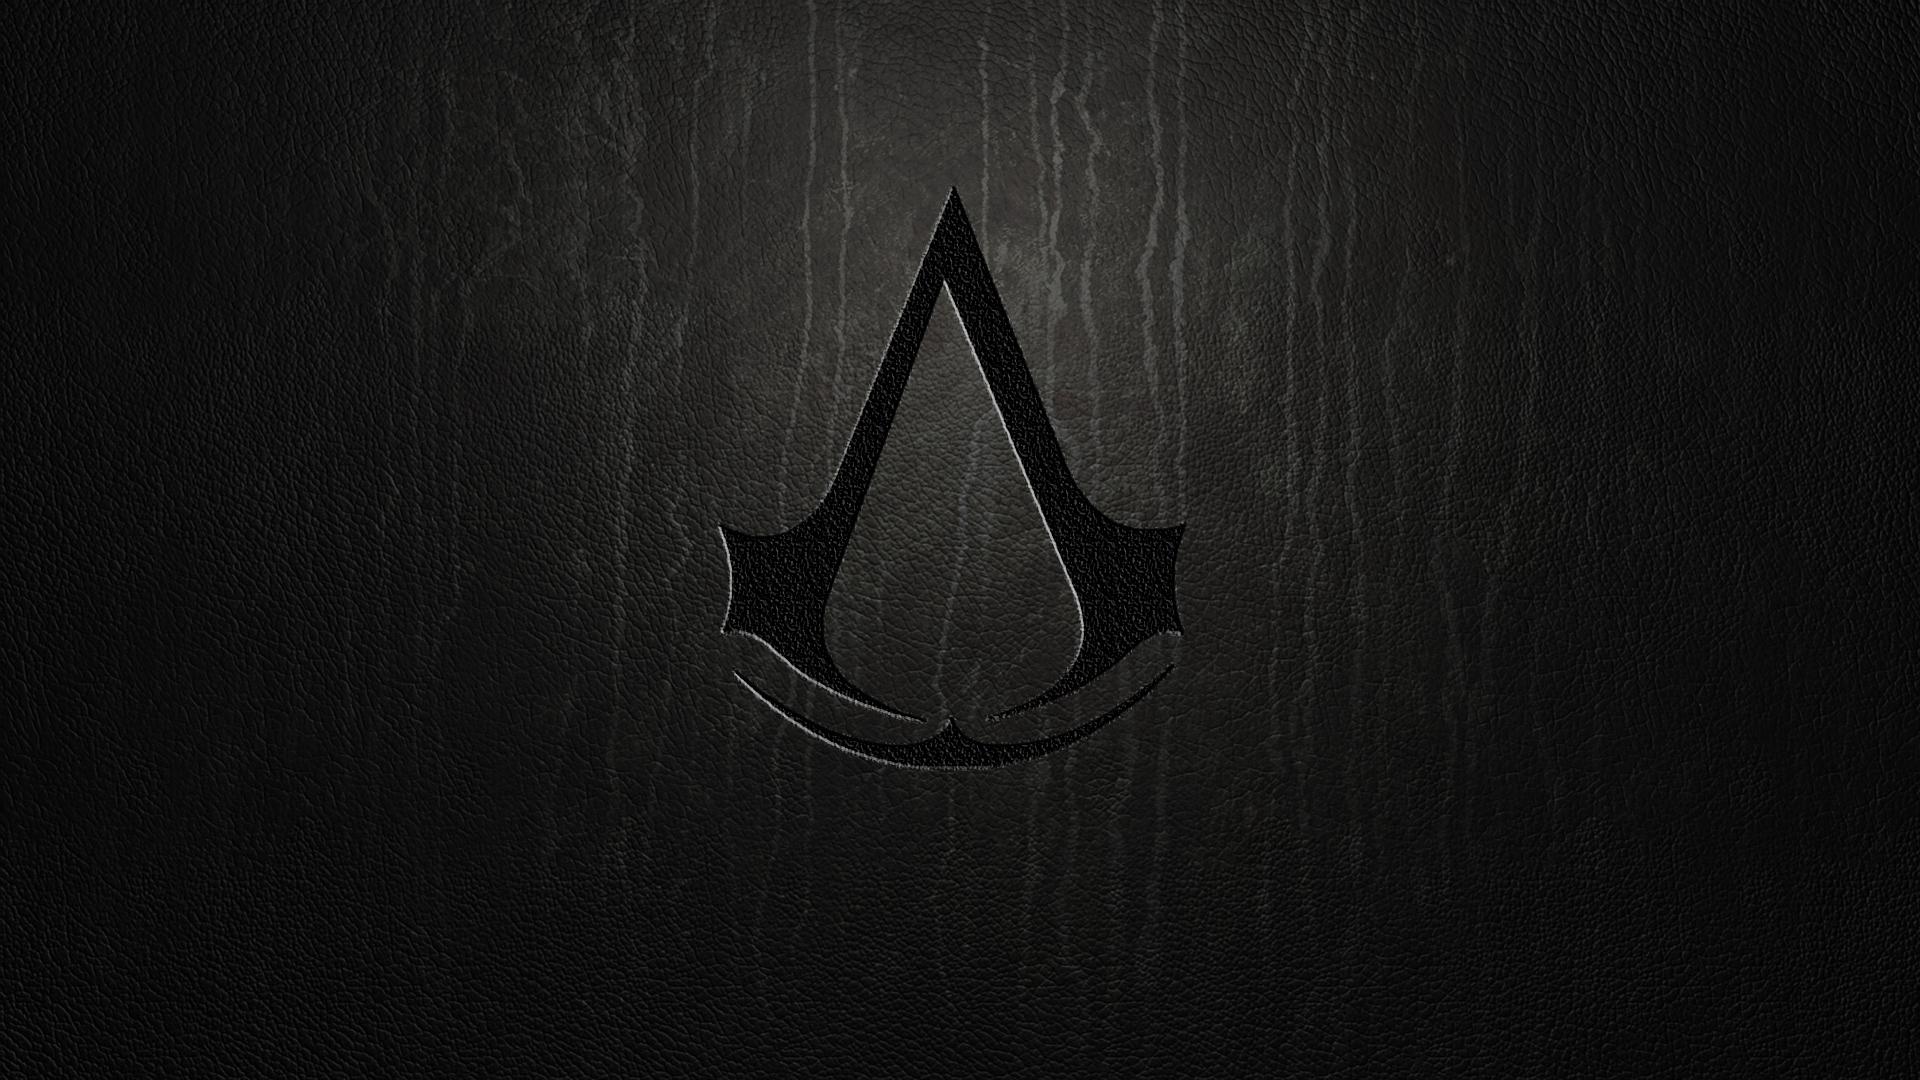 Assassins Creed Dark Logo Wallpaper Hd